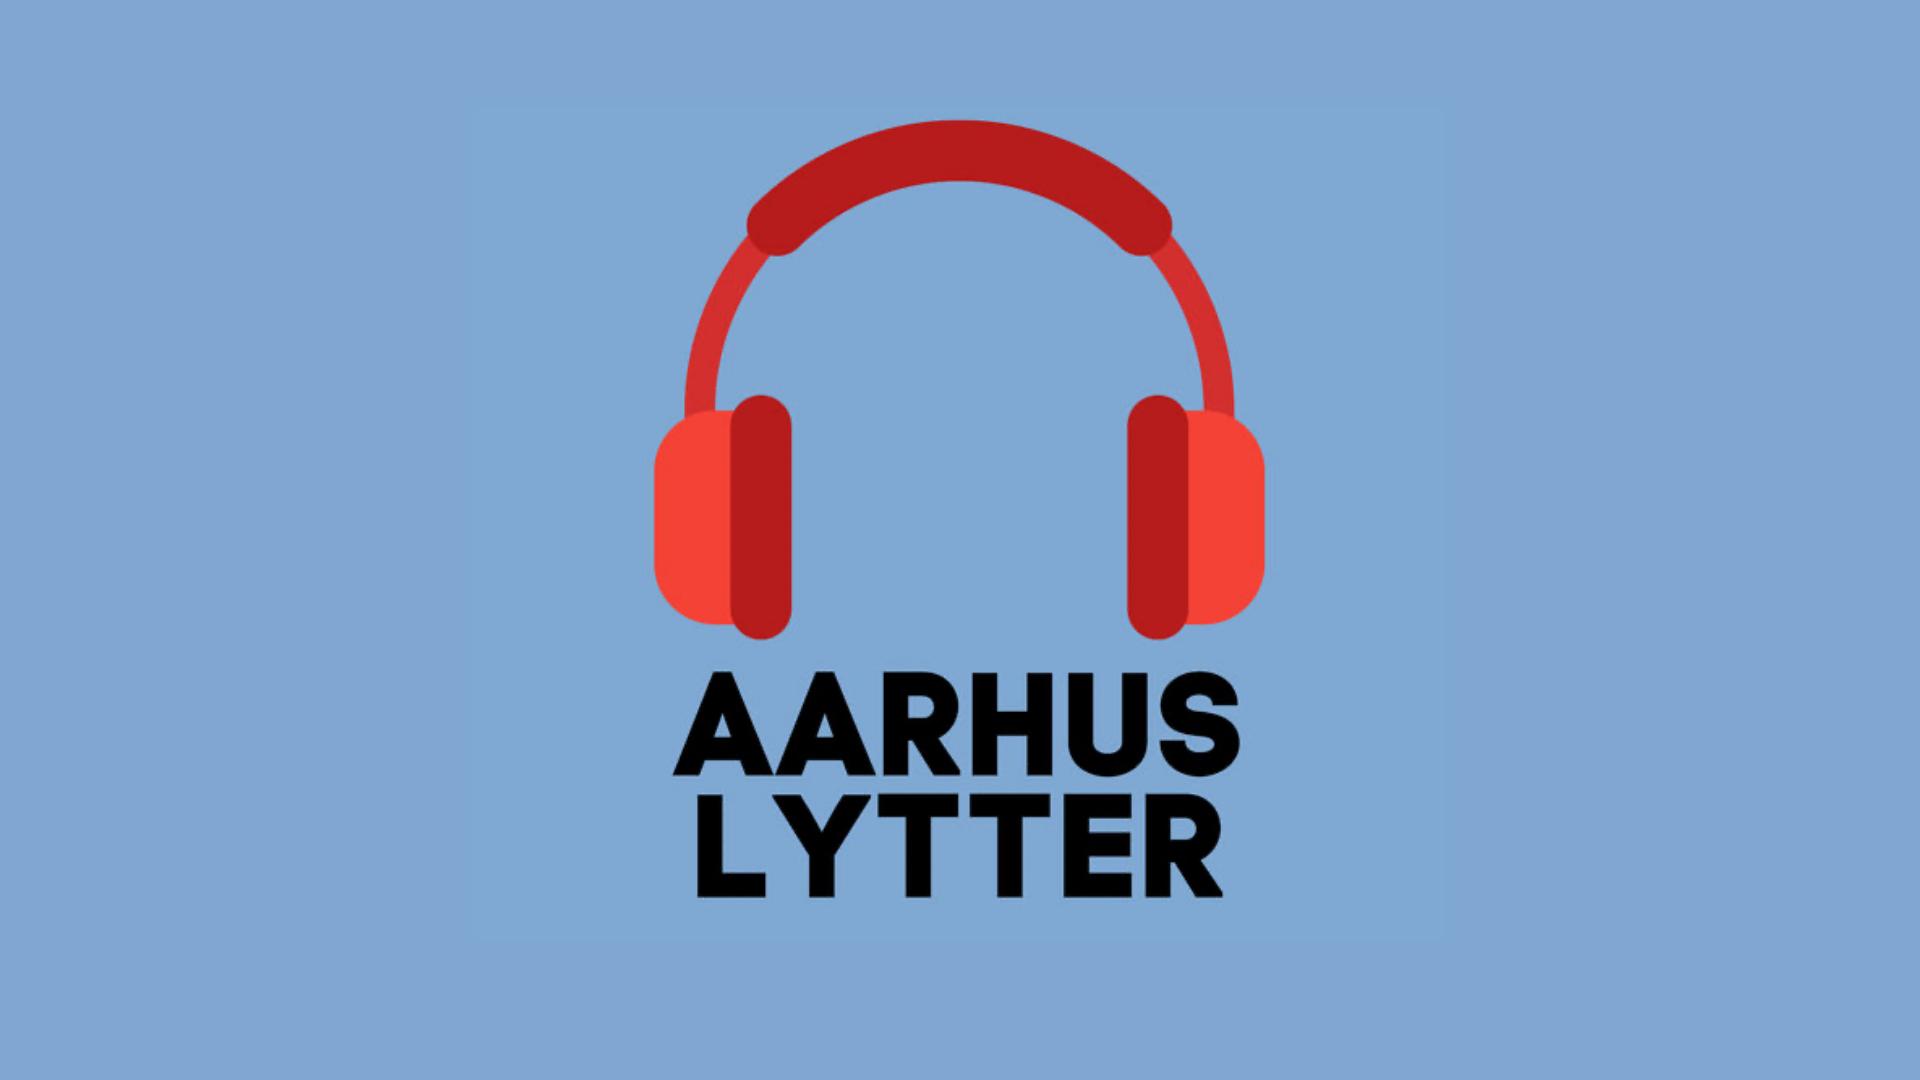 Aarhus Lytter logo